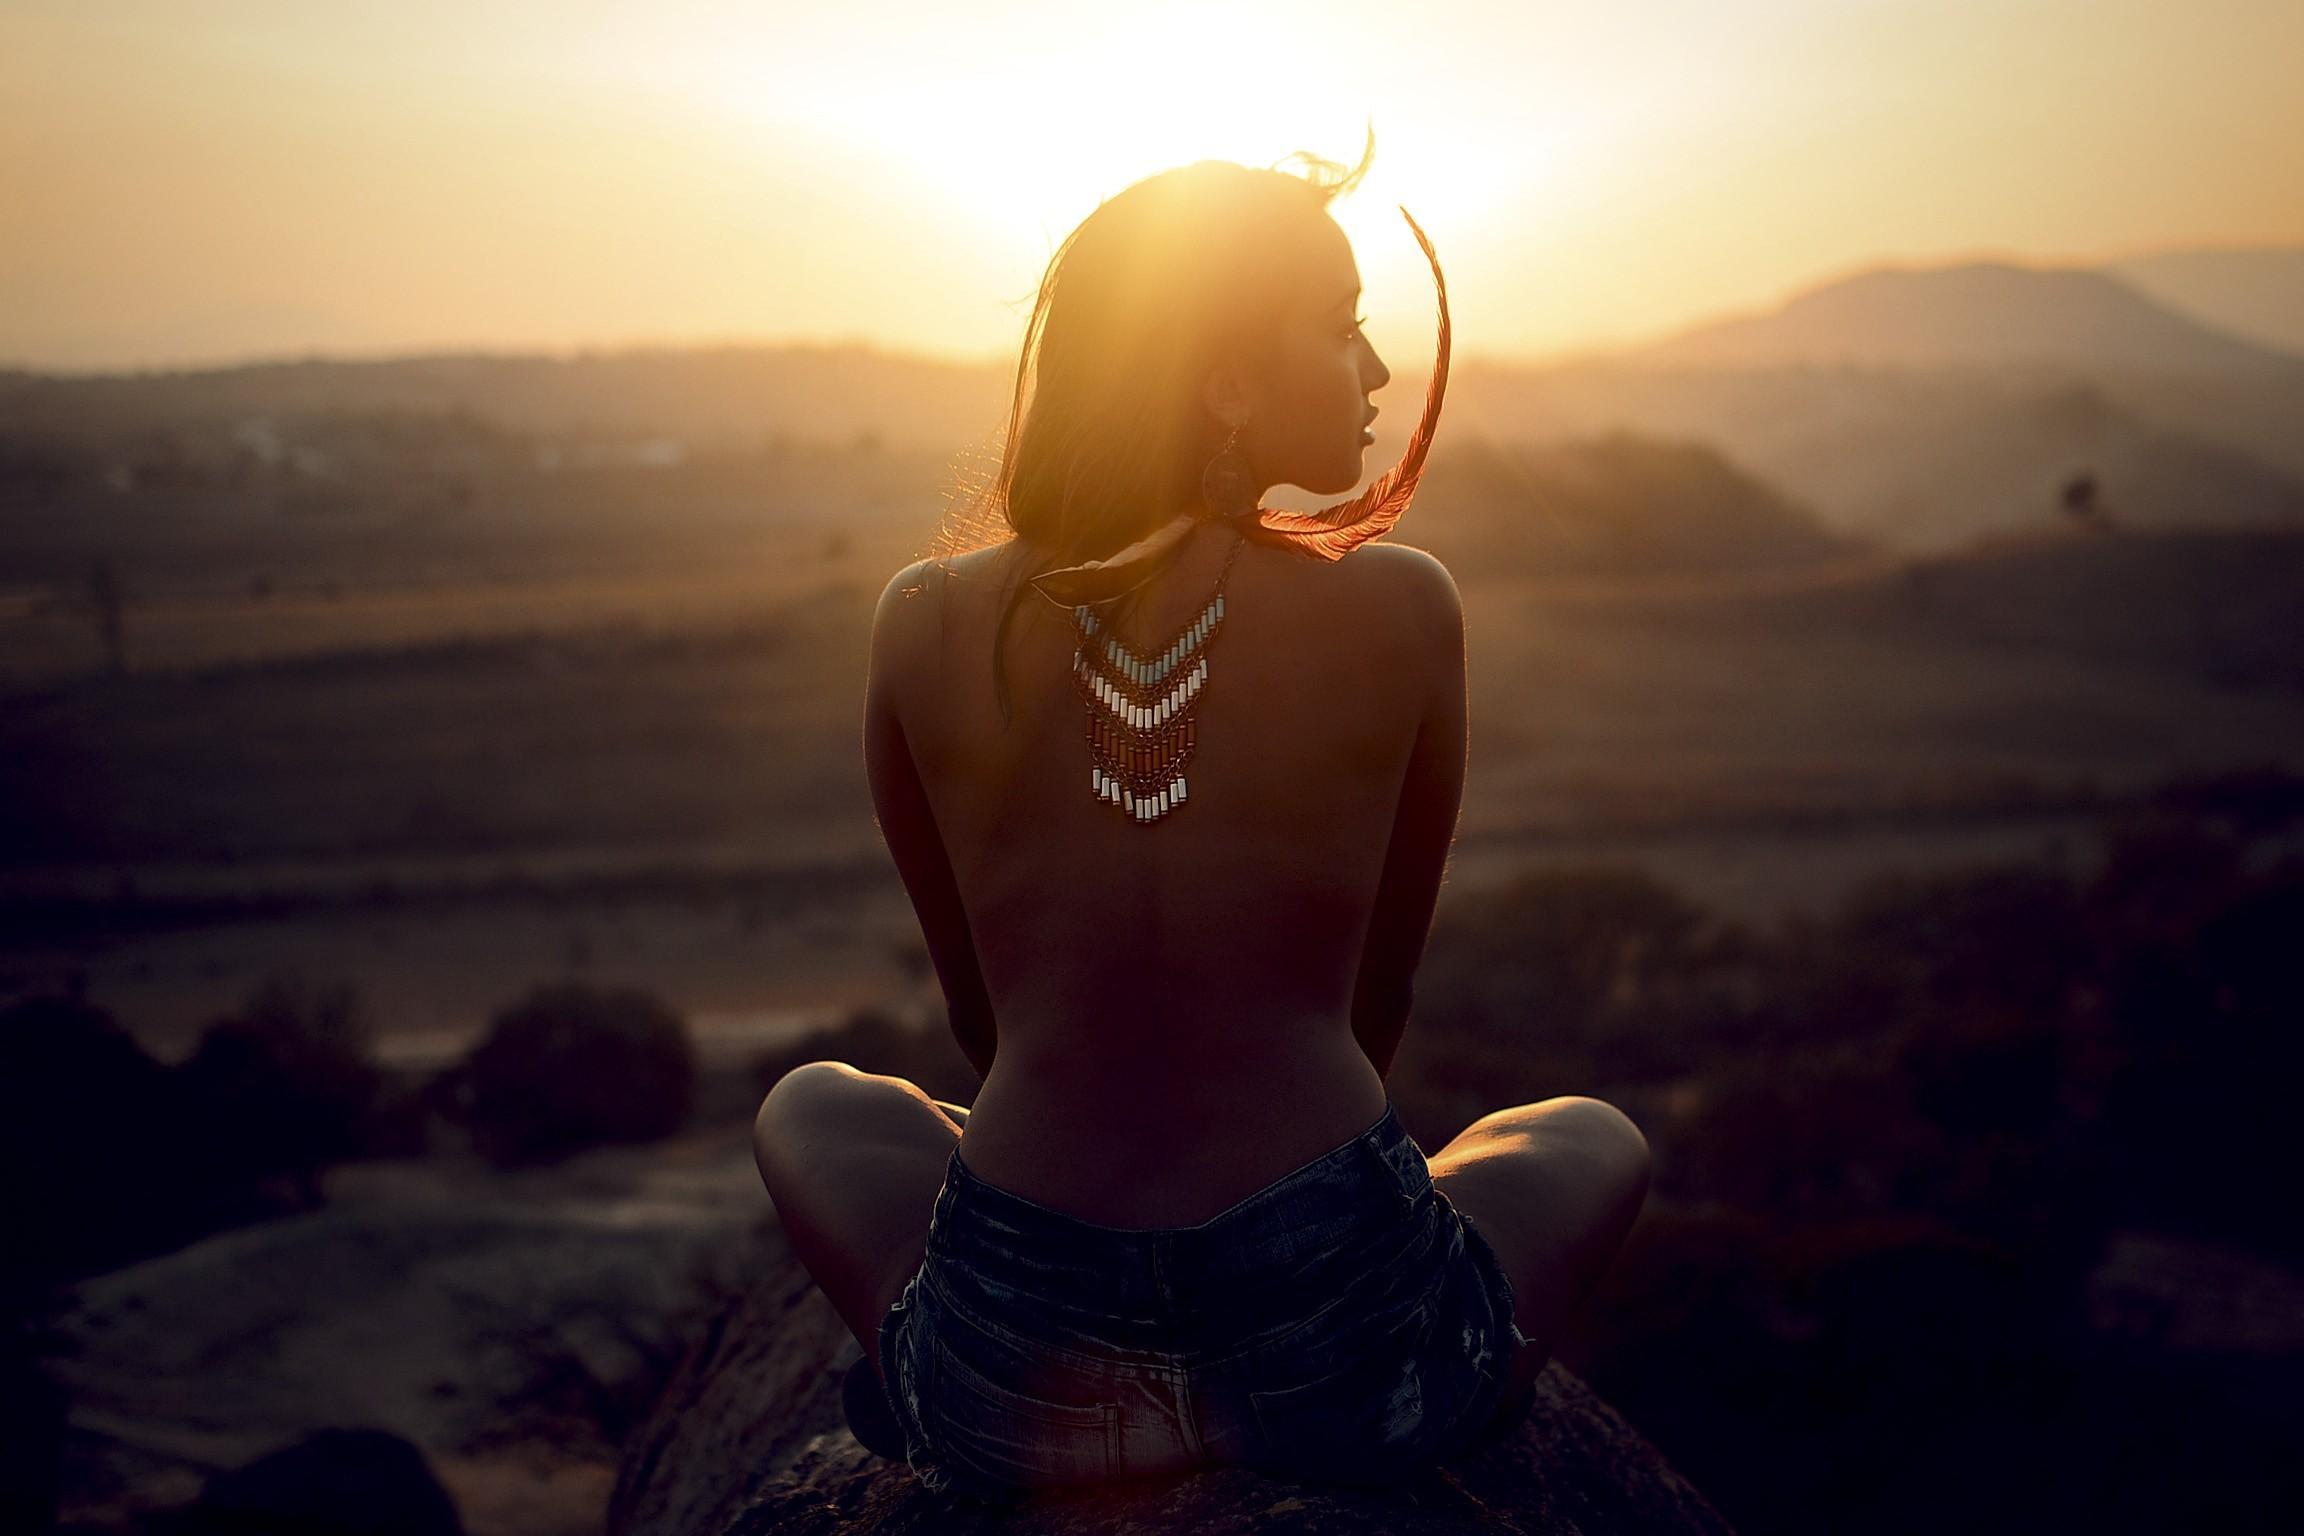 Fondos de pantalla : luz de sol, Mujeres al aire libre